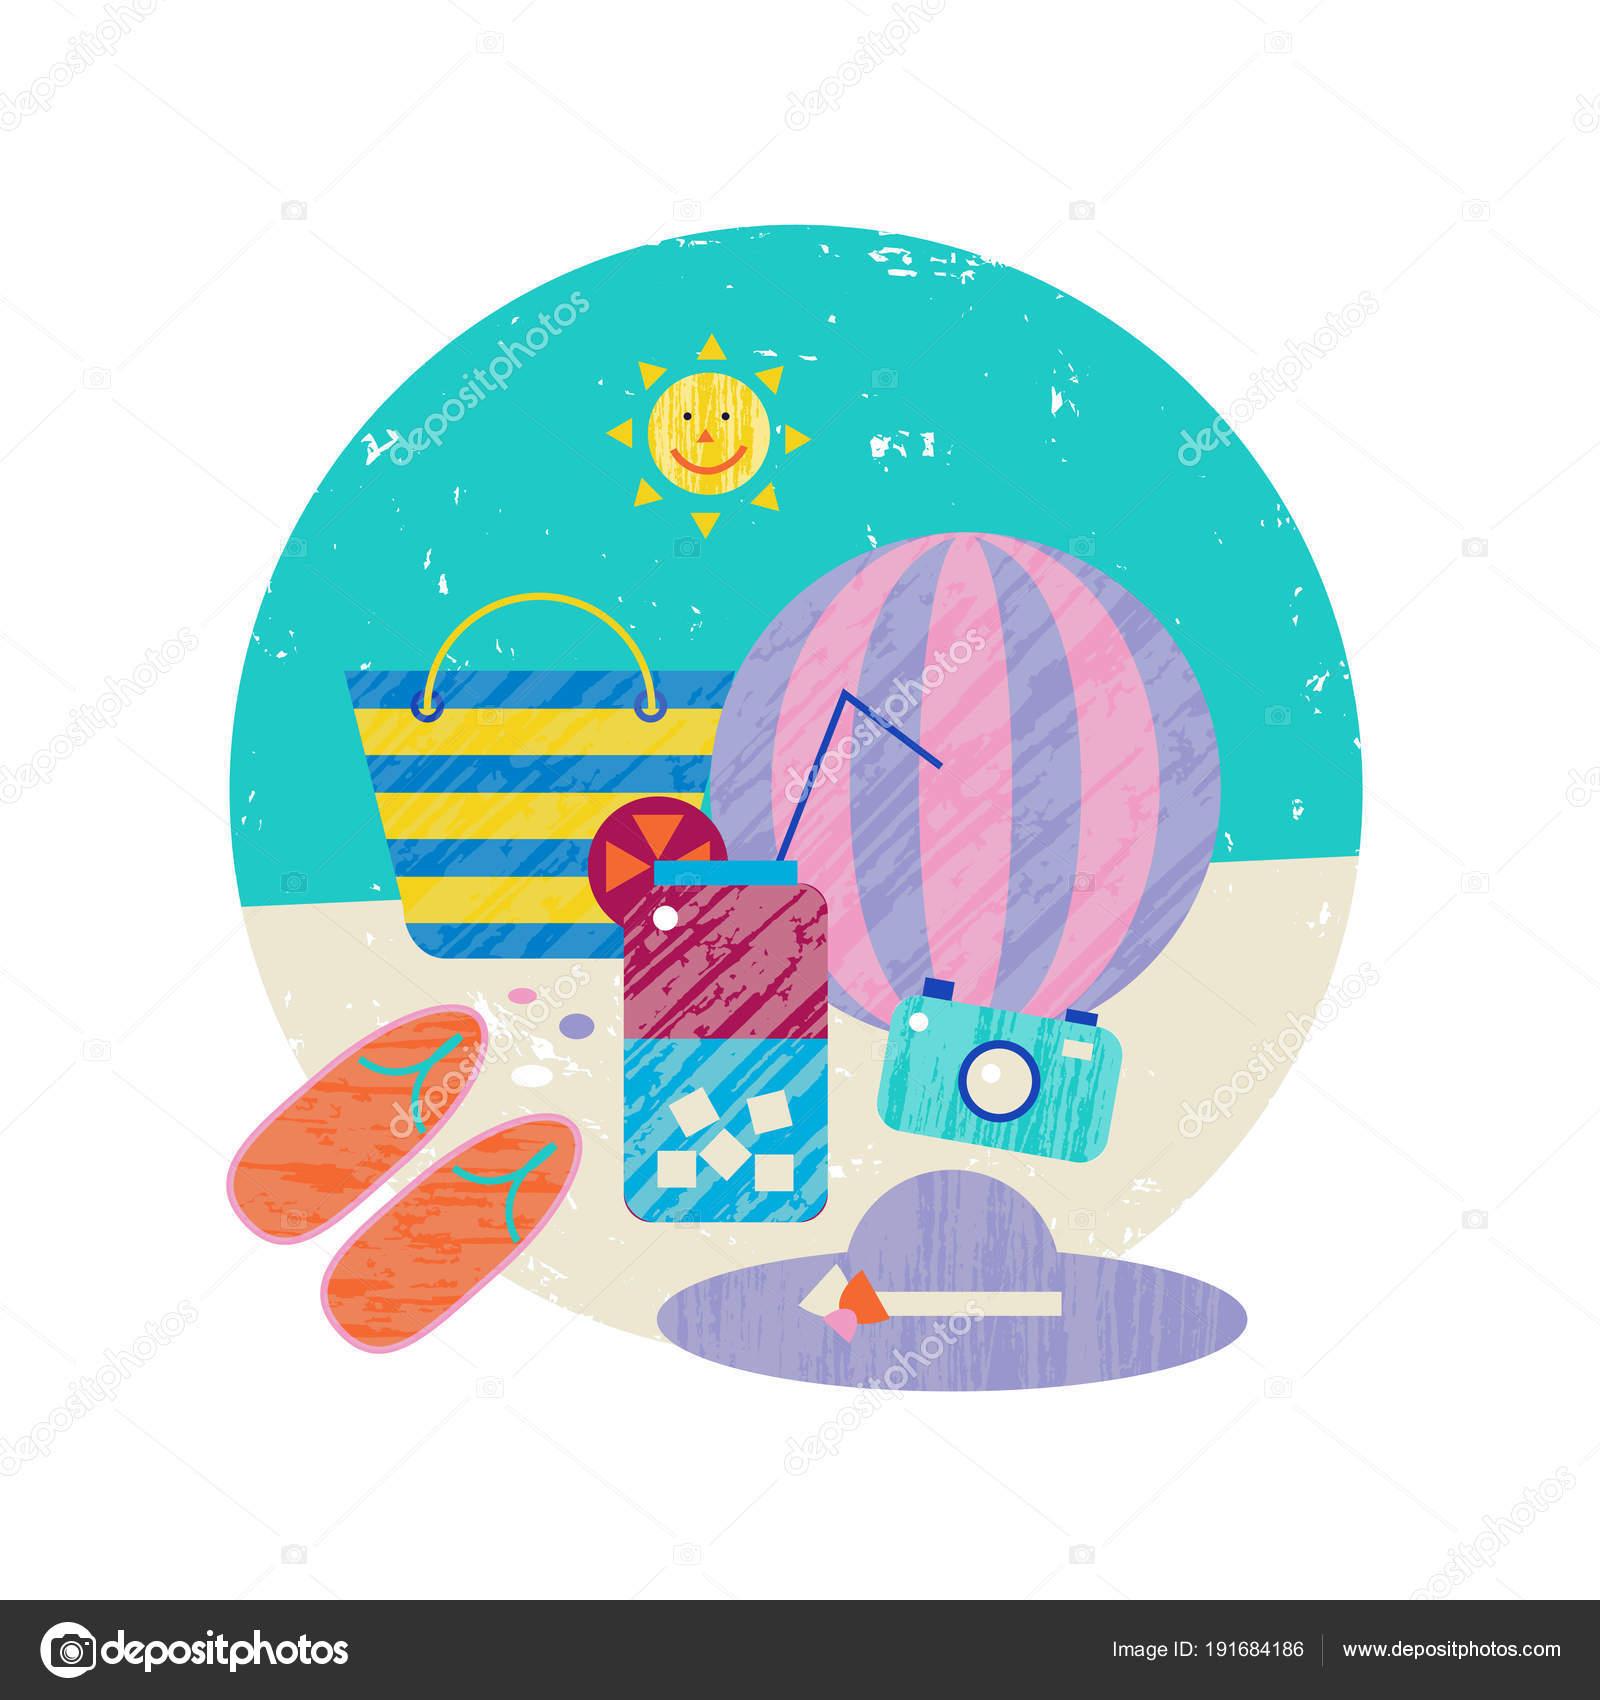 Ilustración Vector Colorido Fondo Del Tema Verano Tiempo Vacaciones ...